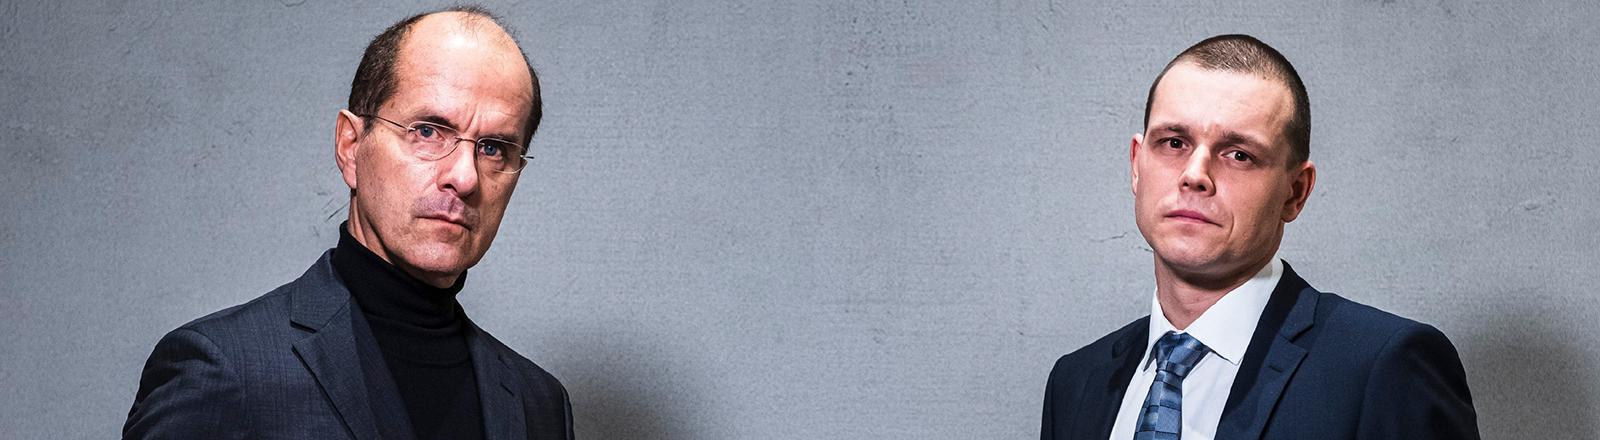 """Die Protagonisten des Wirecard-Dokudramas """"Der große Fake"""": Christoph Maria Herbst als Wirecard-Chef Markus Braun und Franz Hartwig als Jan Marsalek."""